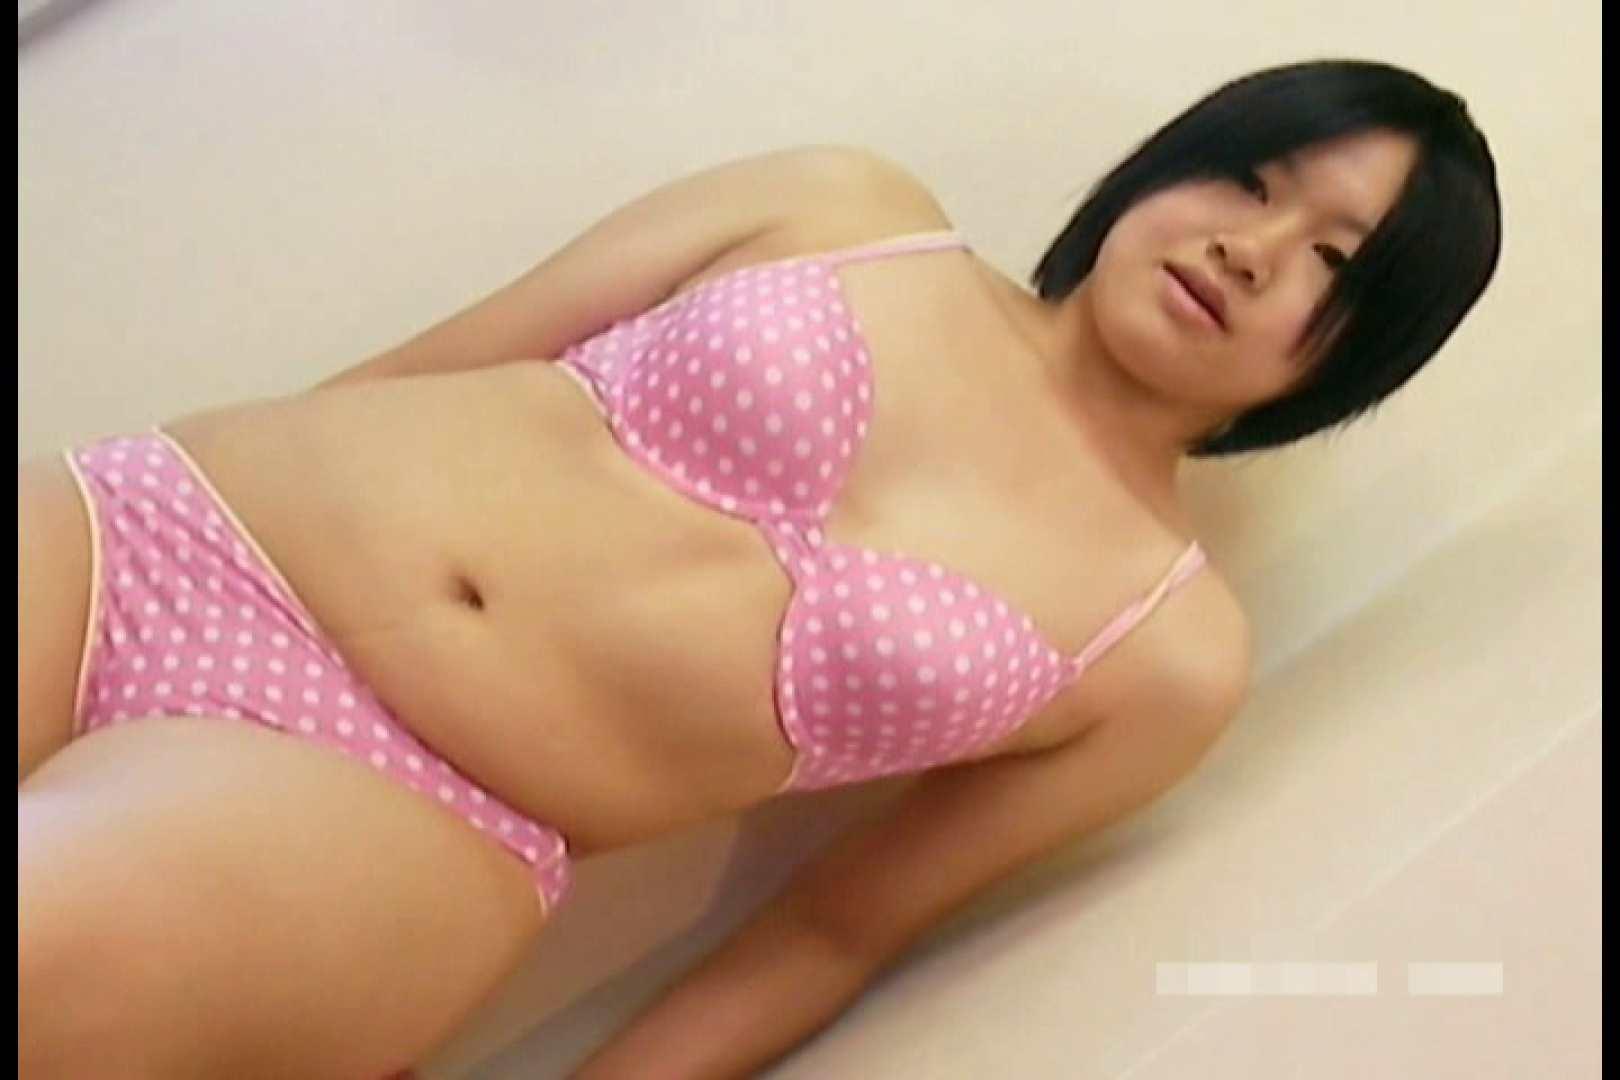 素人撮影 下着だけの撮影のはずが・・・みゆき18歳 隠撮 われめAV動画紹介 84pic 14